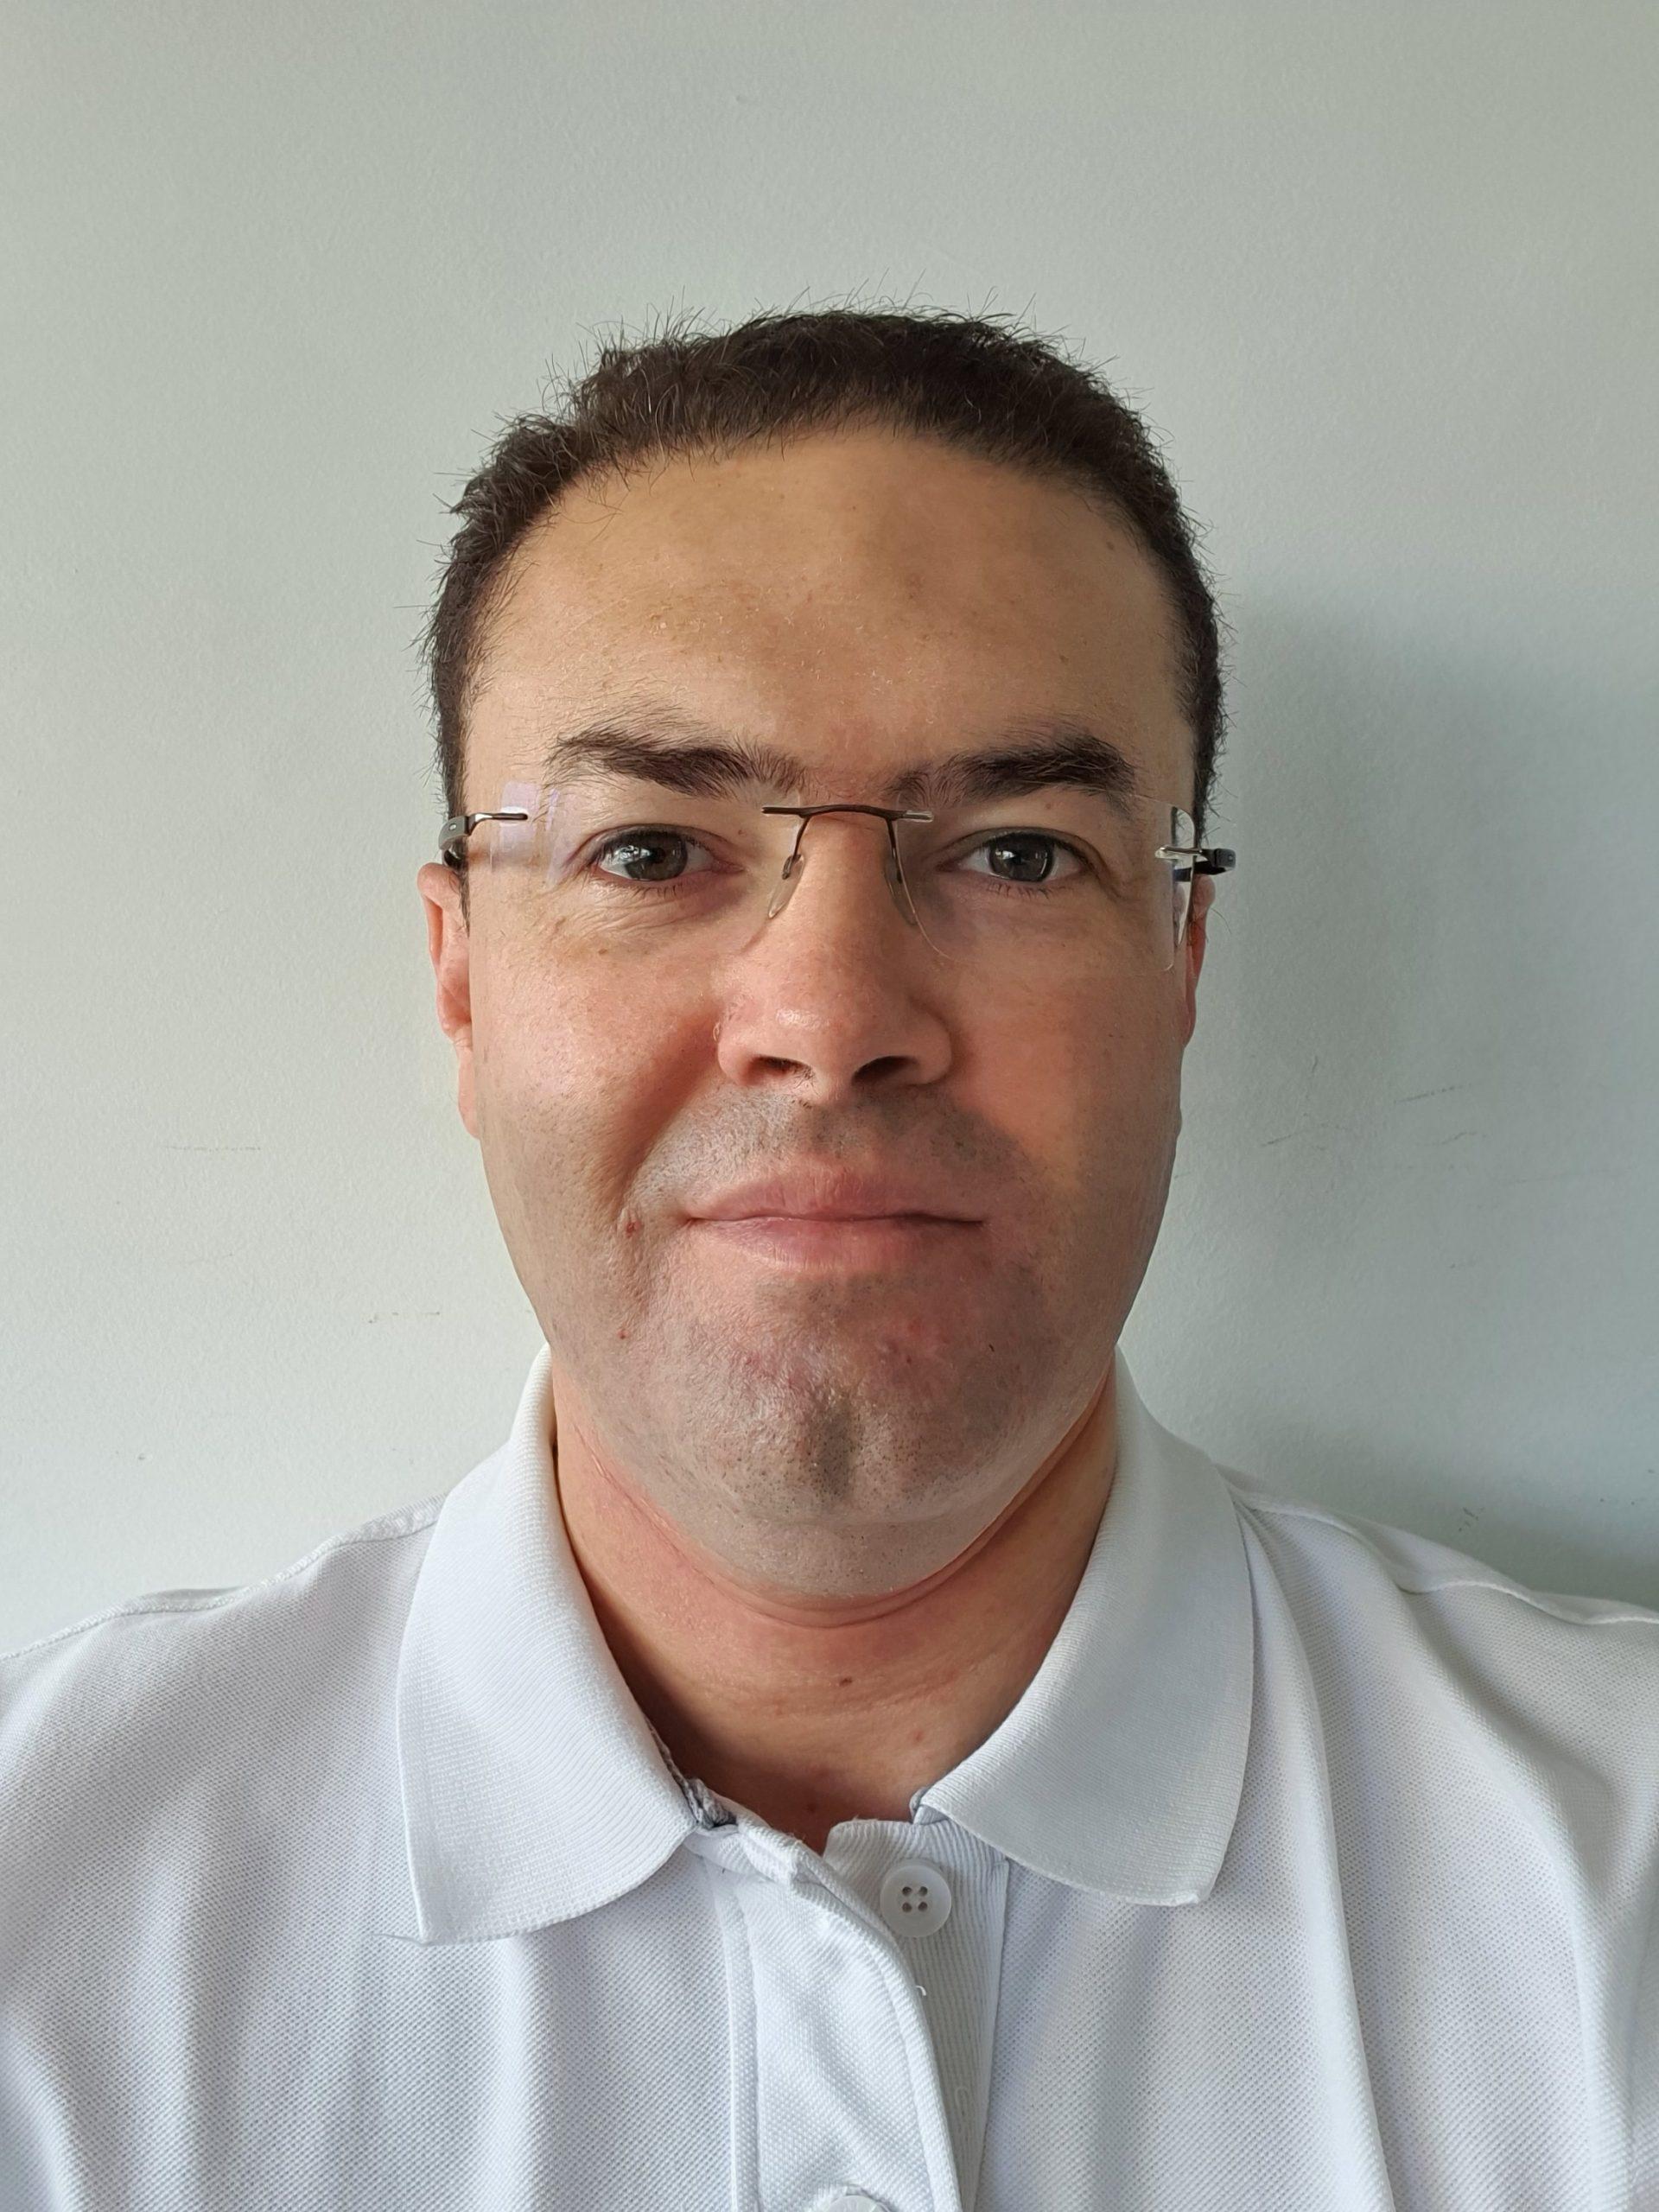 DAVID PÉREZ ALONSO